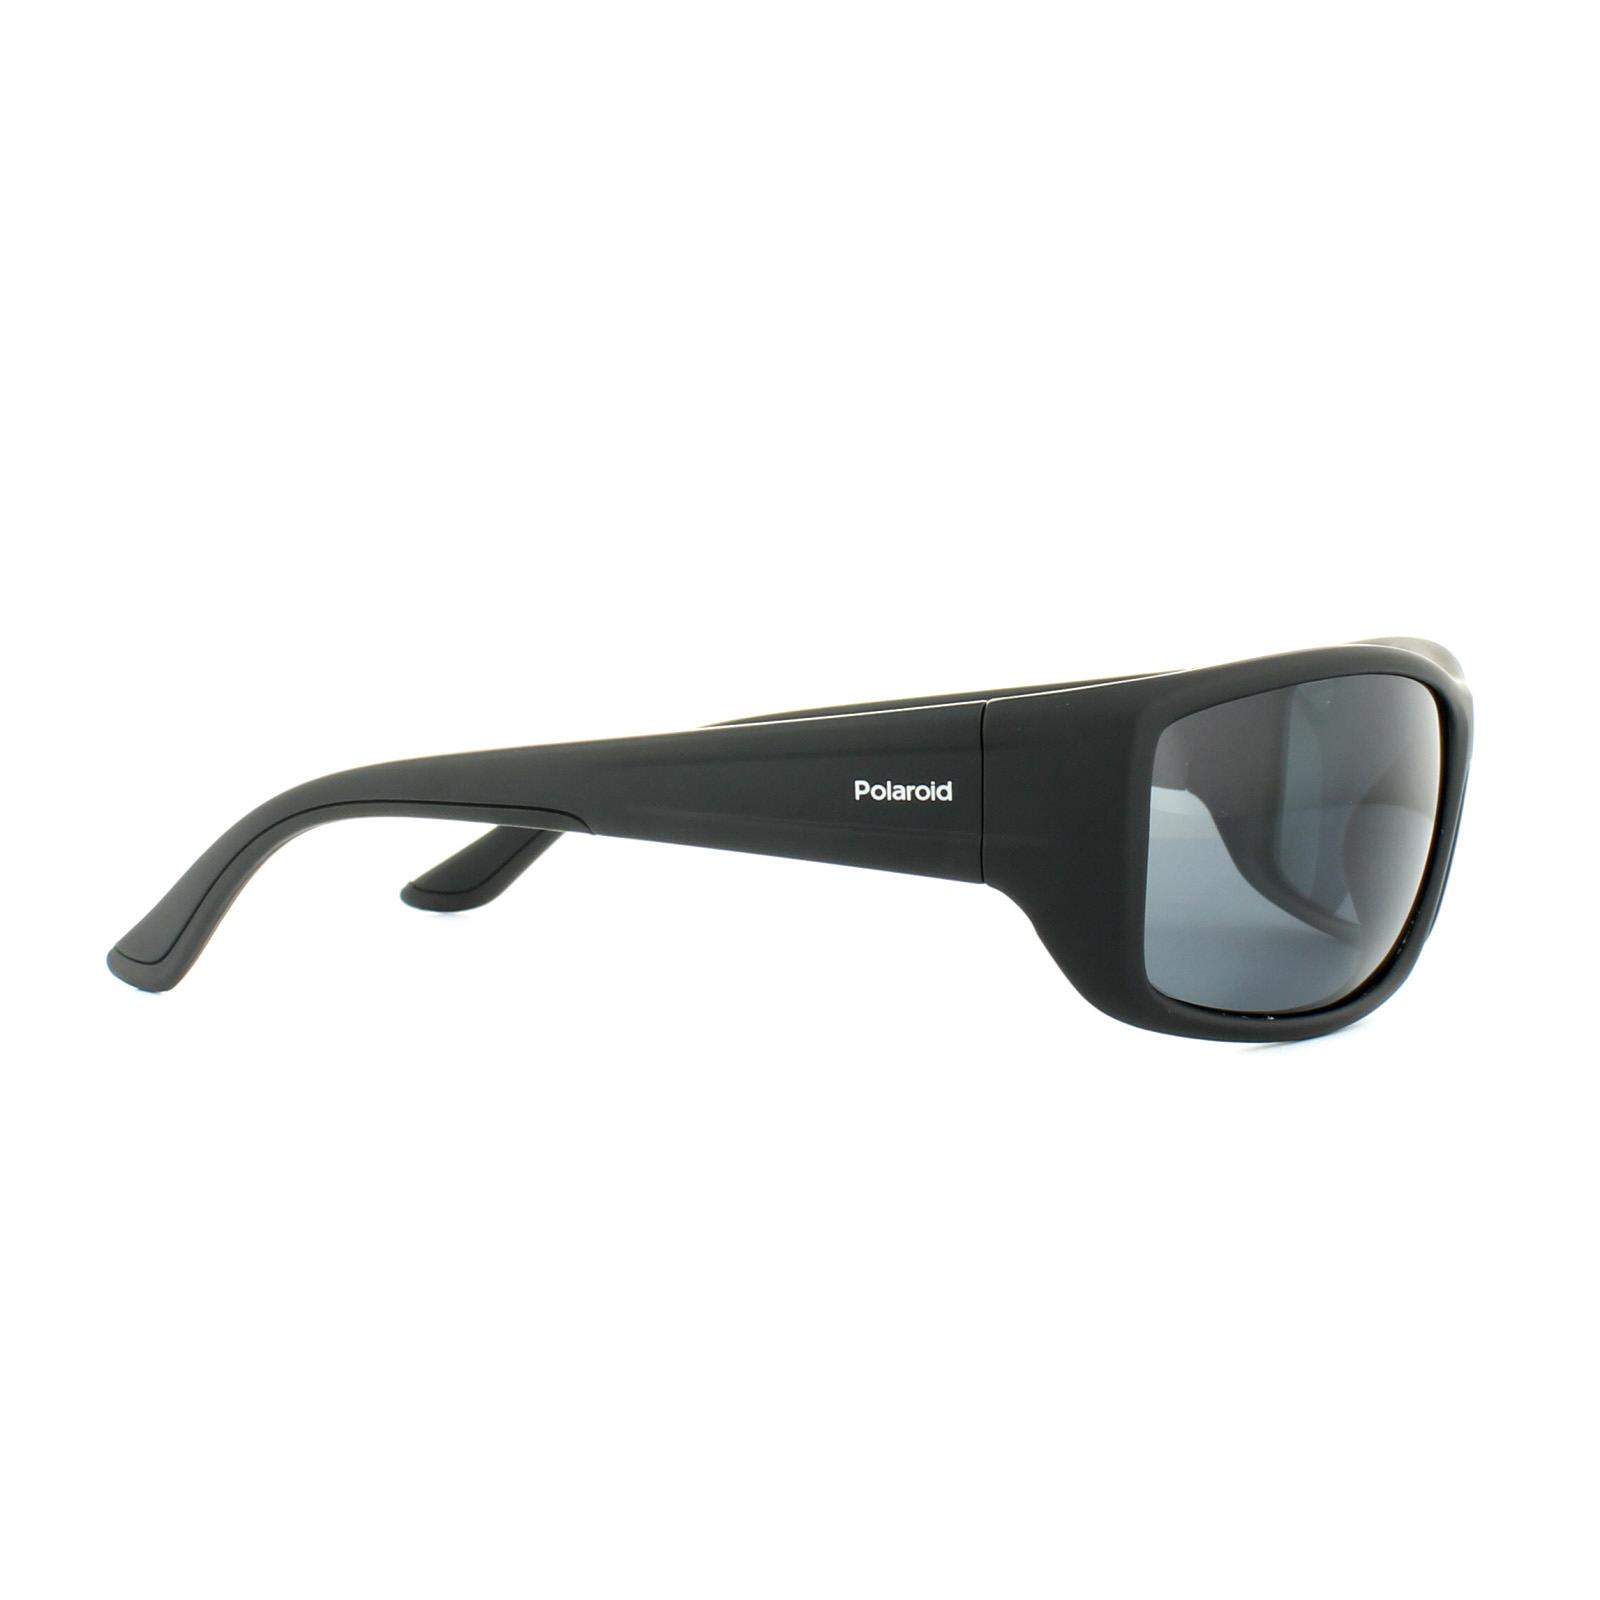 Polaroid Herren Sonnenbrille » PLD 7011/S«, schwarz, 807/M9 - schwarz/grau